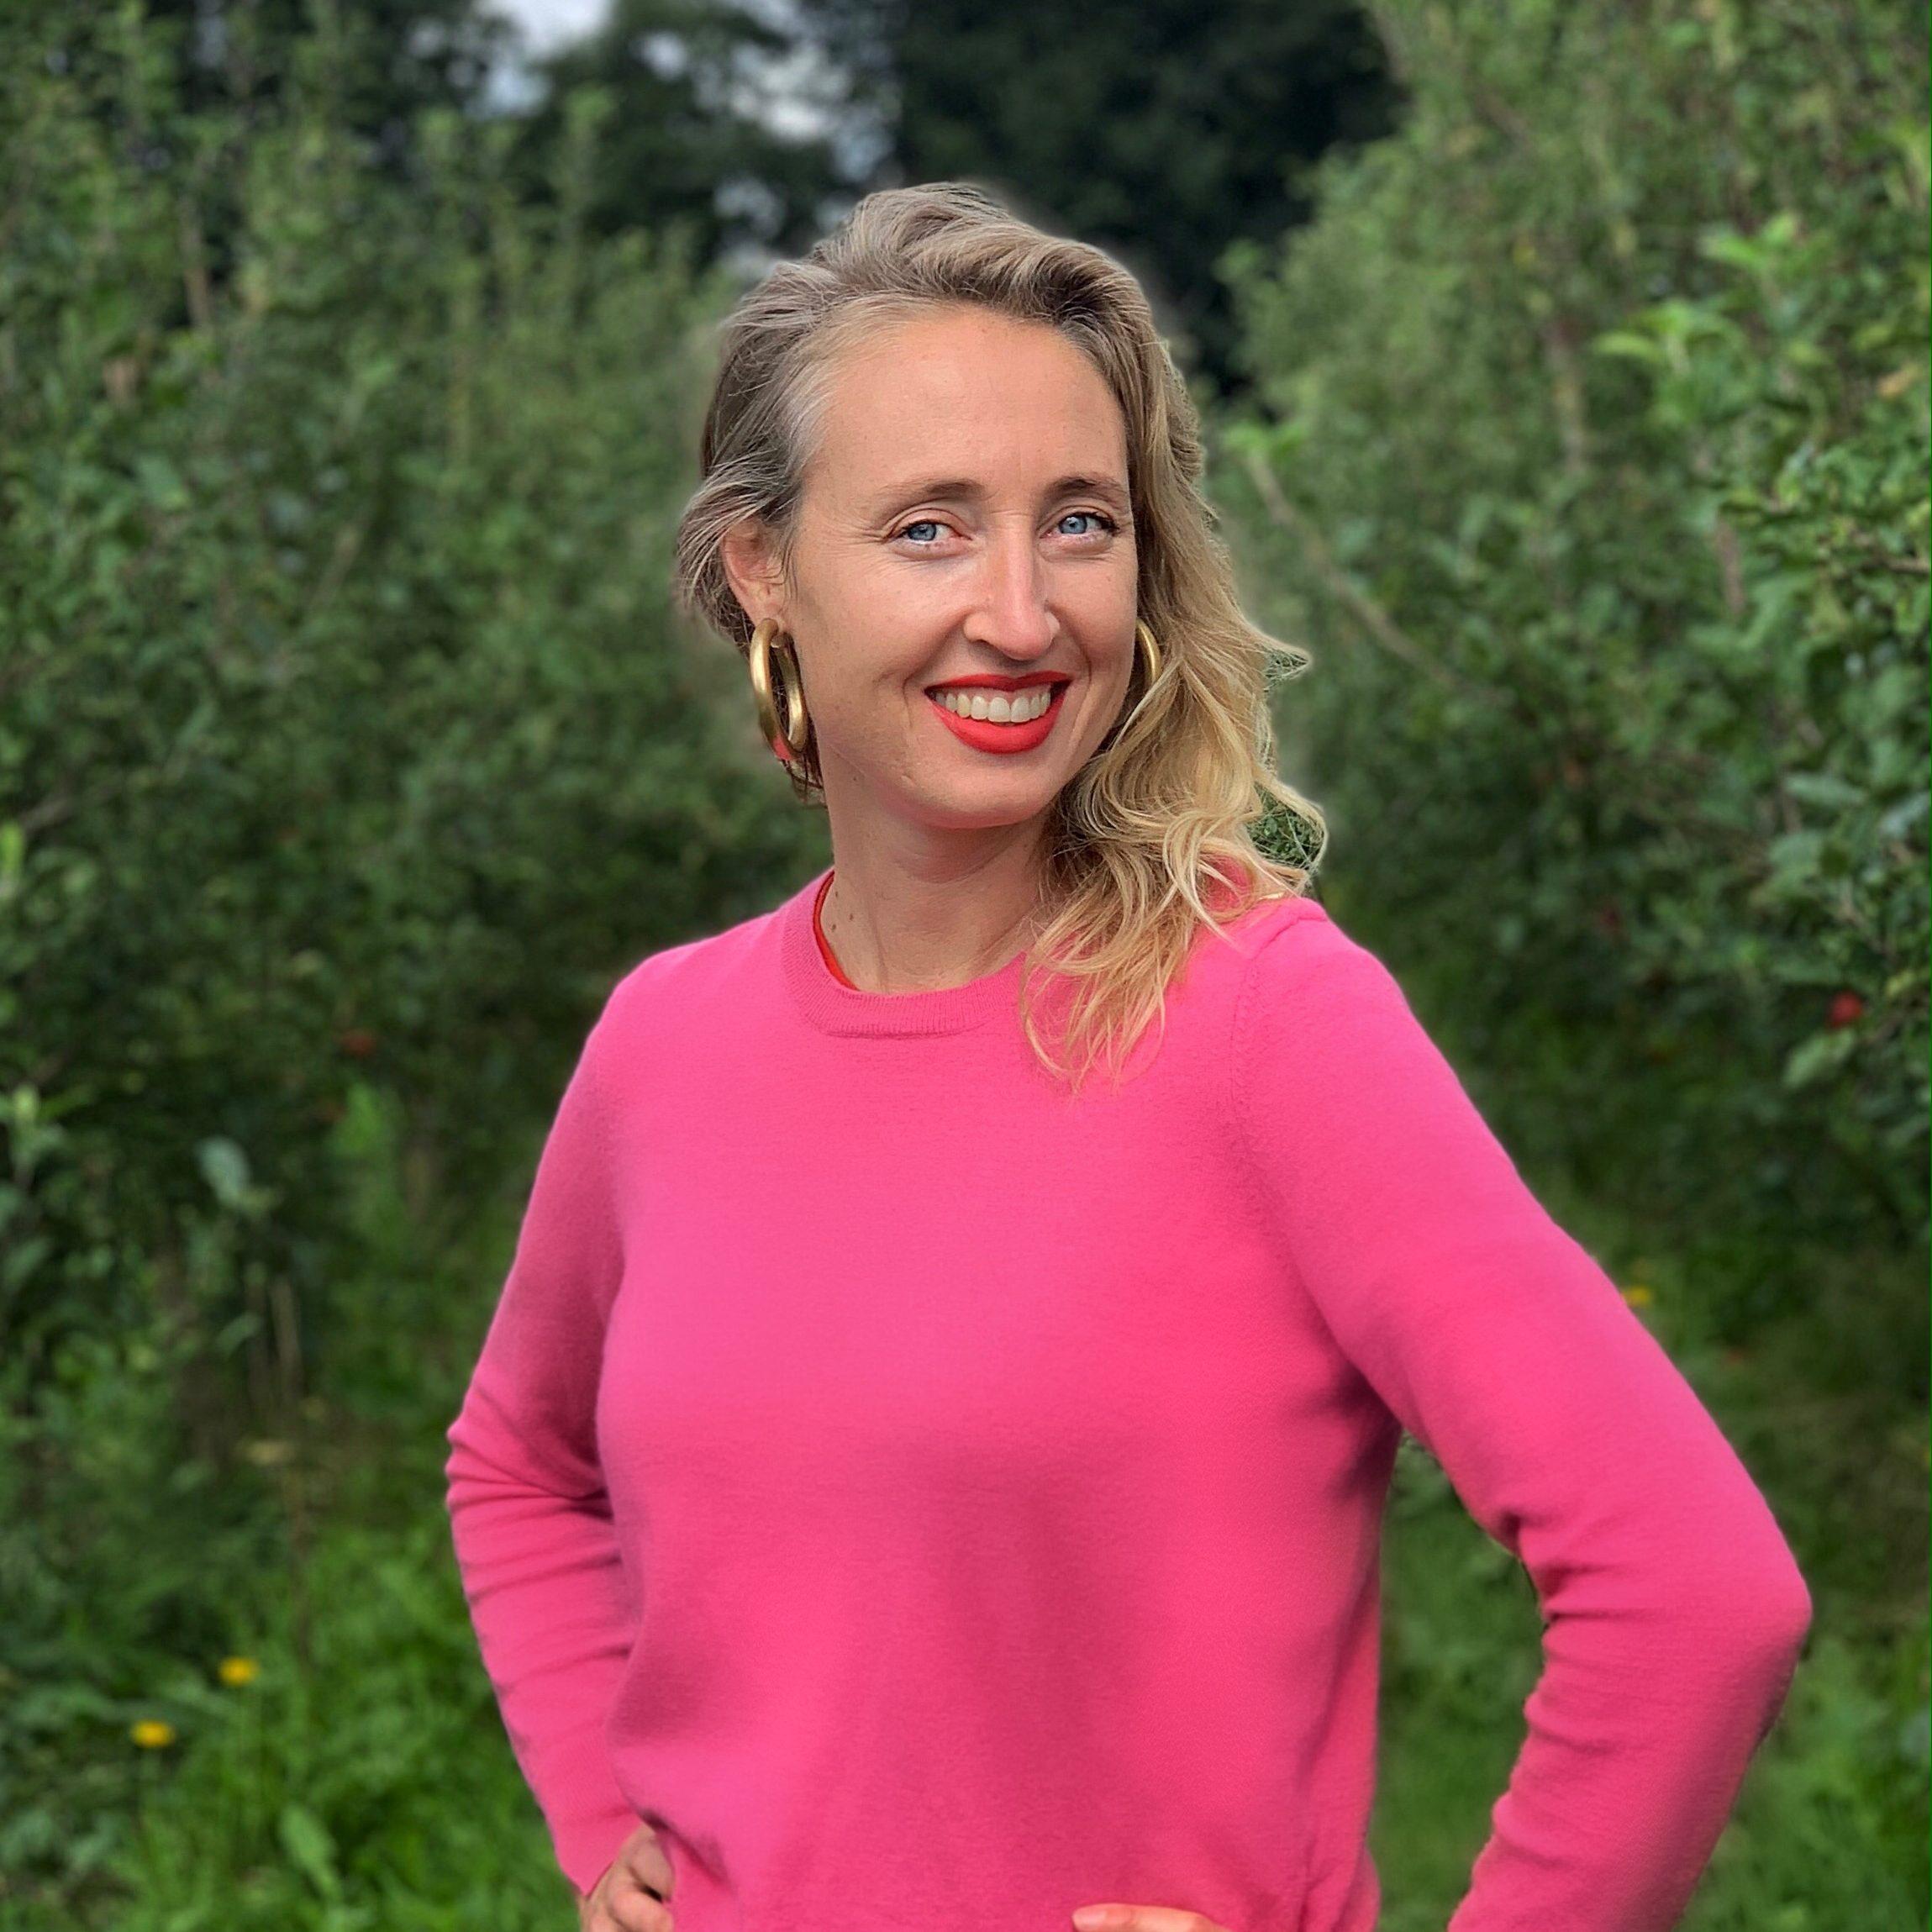 Marije van The sustainable collective